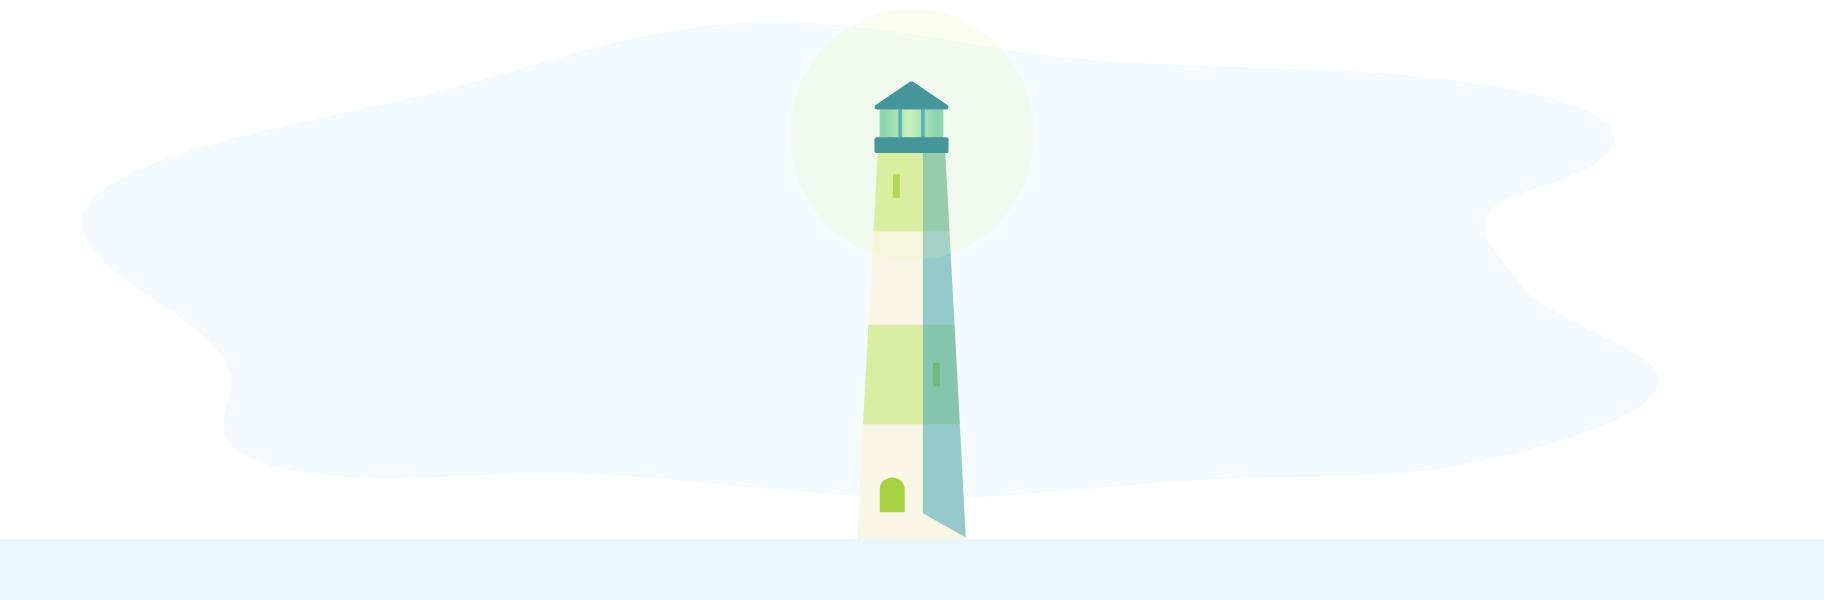 seo lighthouse